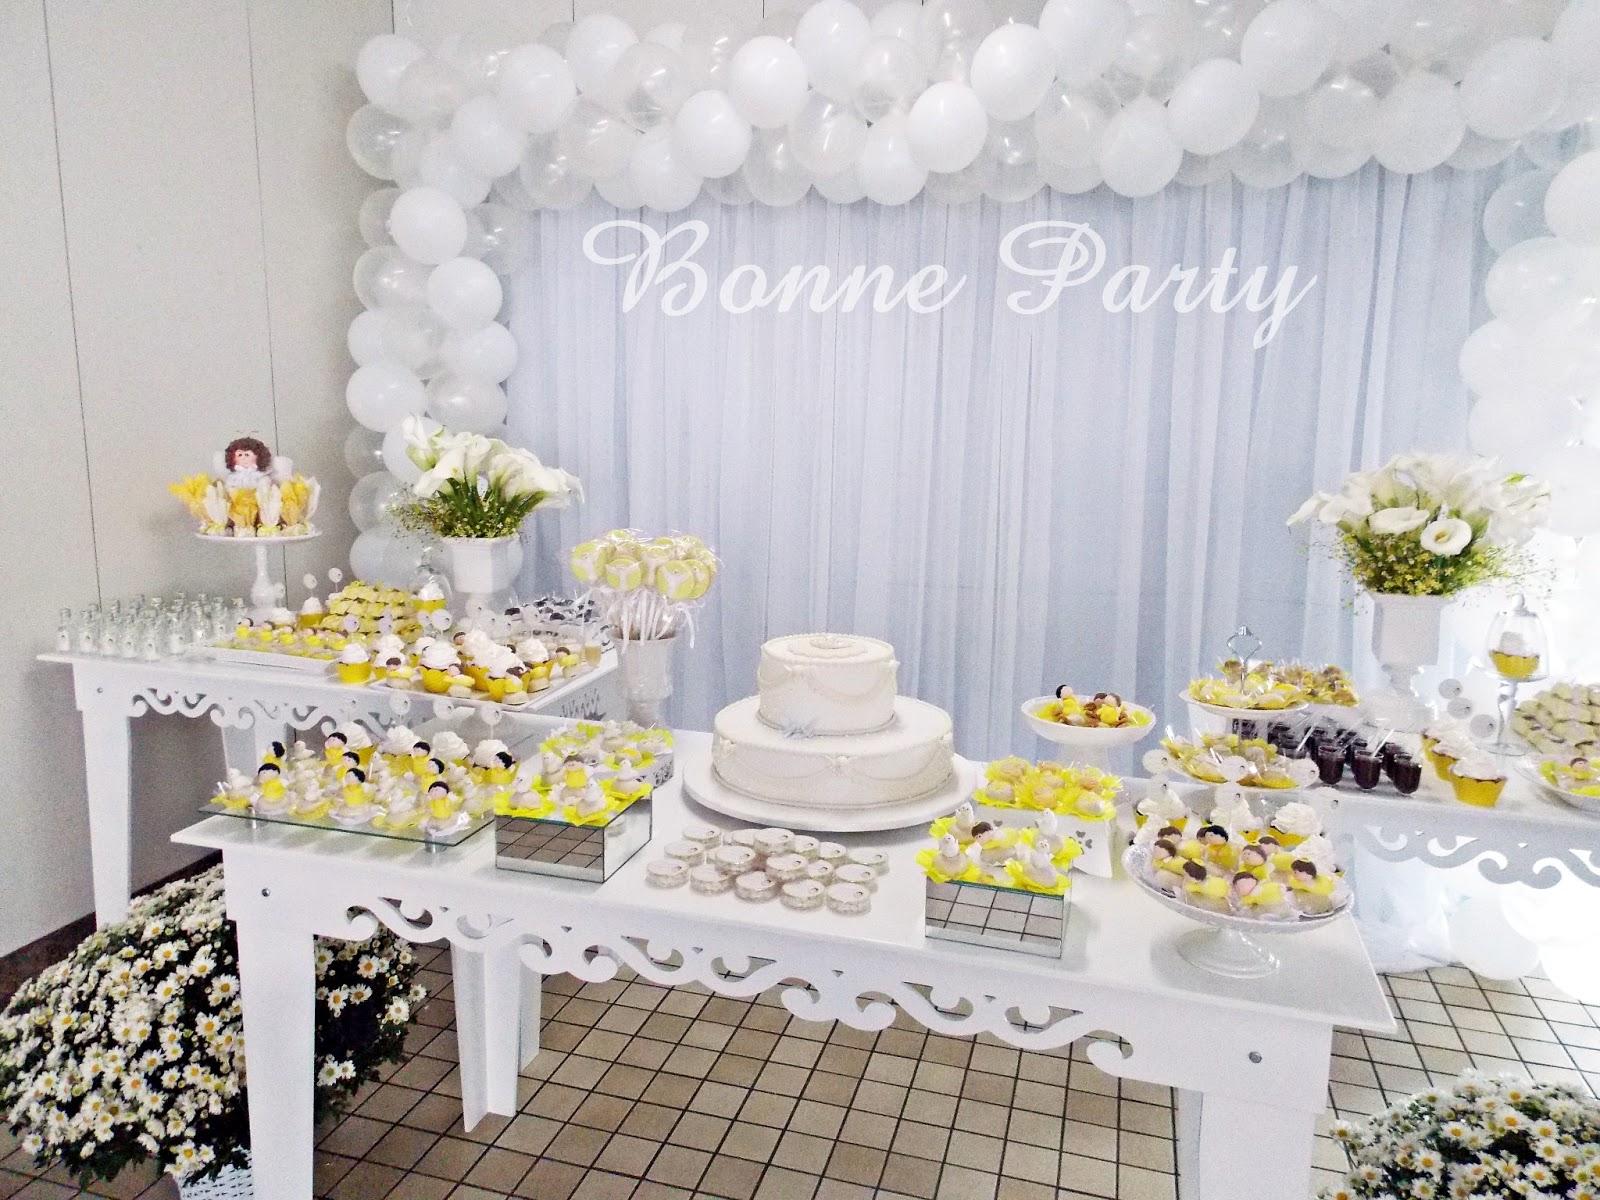 1000 imagens sobre Festa amarelo e branco no Pinterest #A89B23 1600x1200 Banheiro Branco E Amarelo